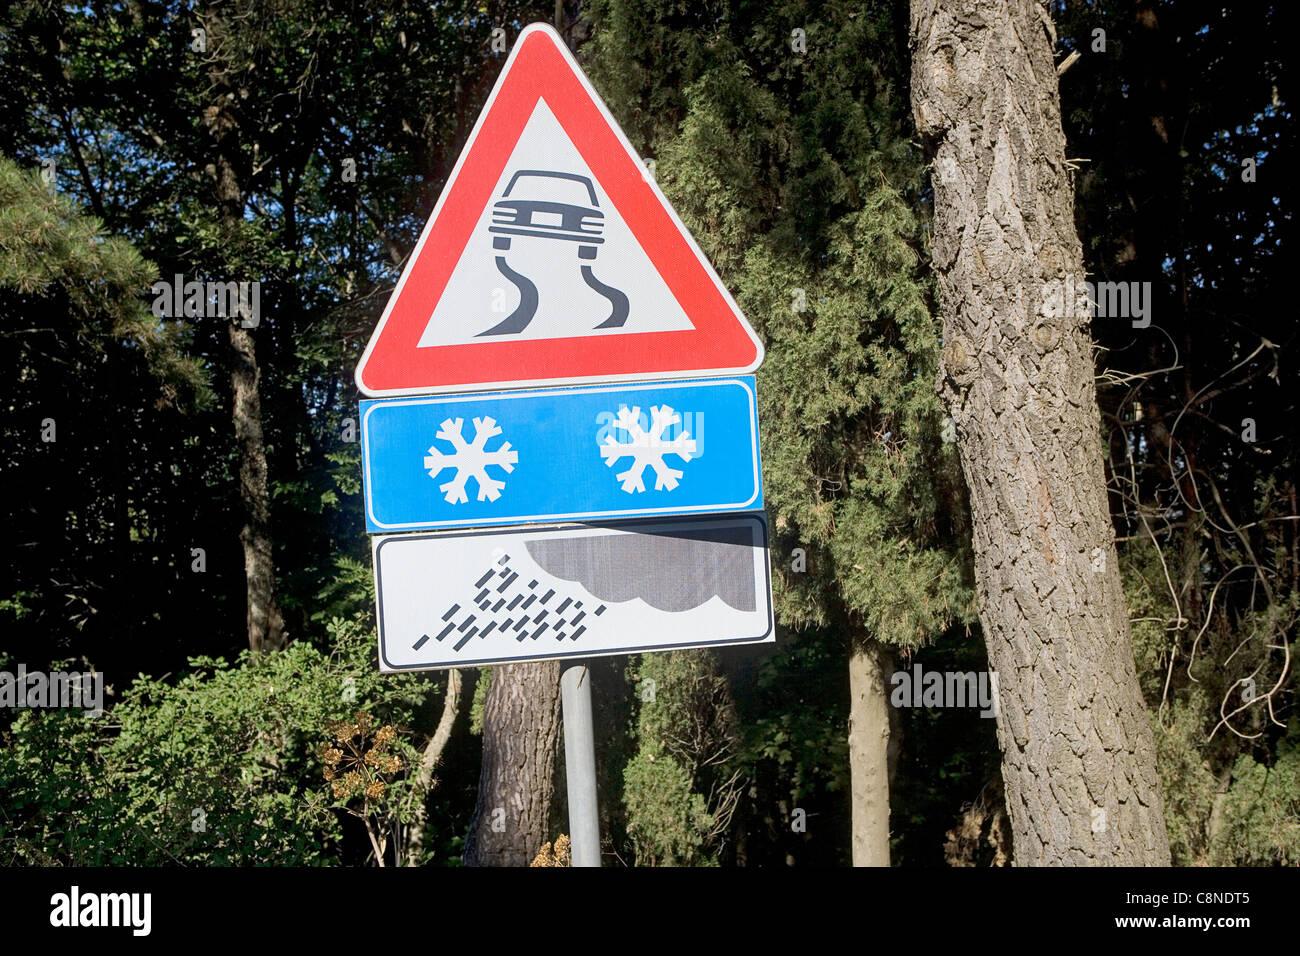 Italia, la nieve y la carretera resbaladiza signos de advertencia Imagen De Stock